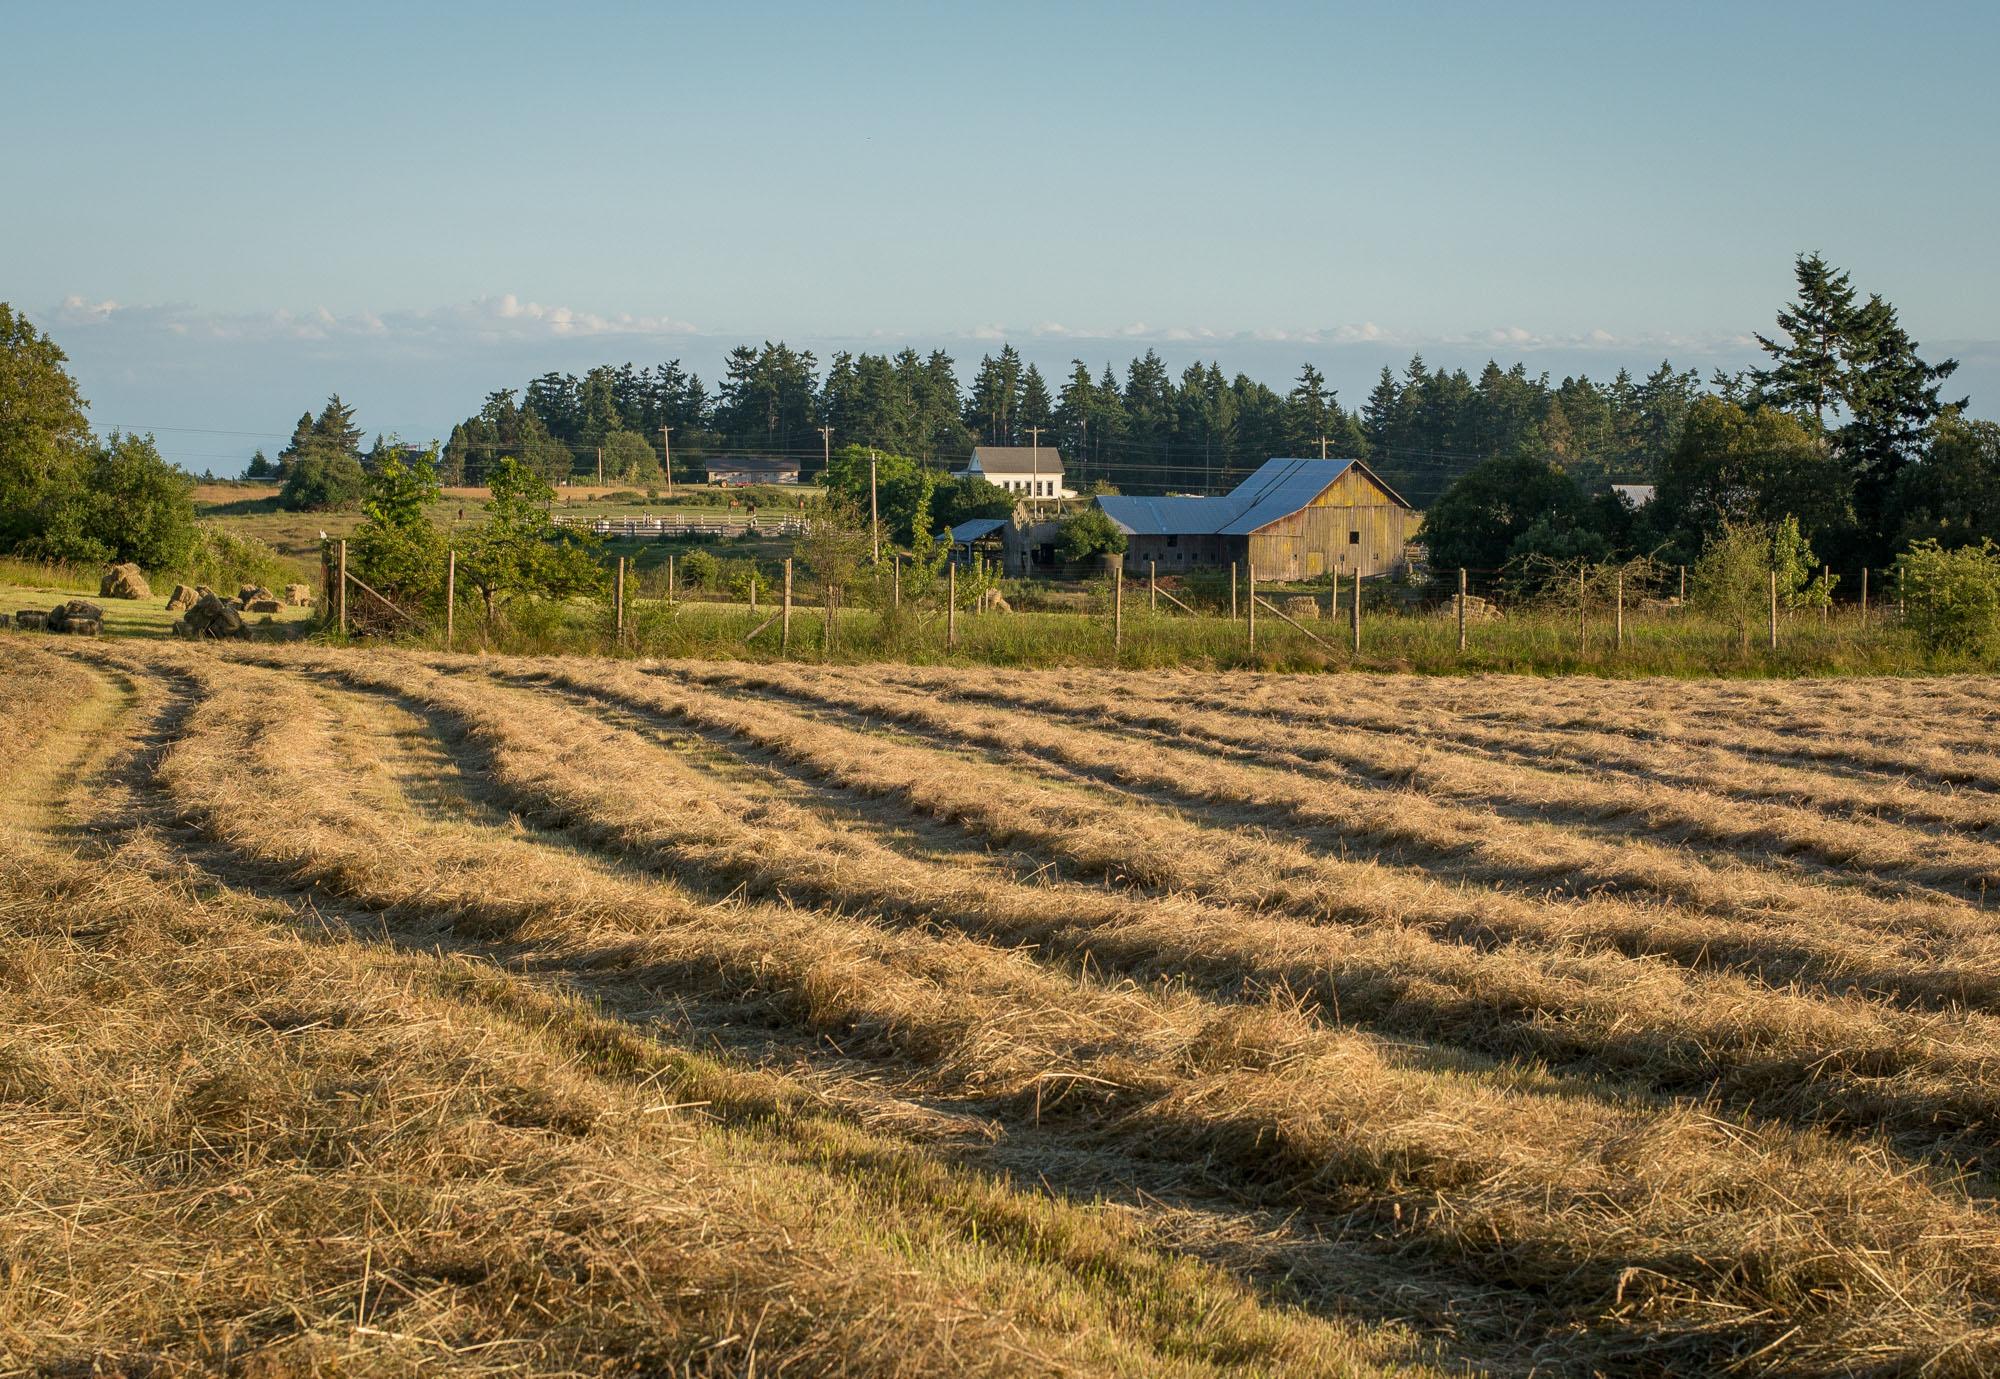 Plowing season - beautiful fields